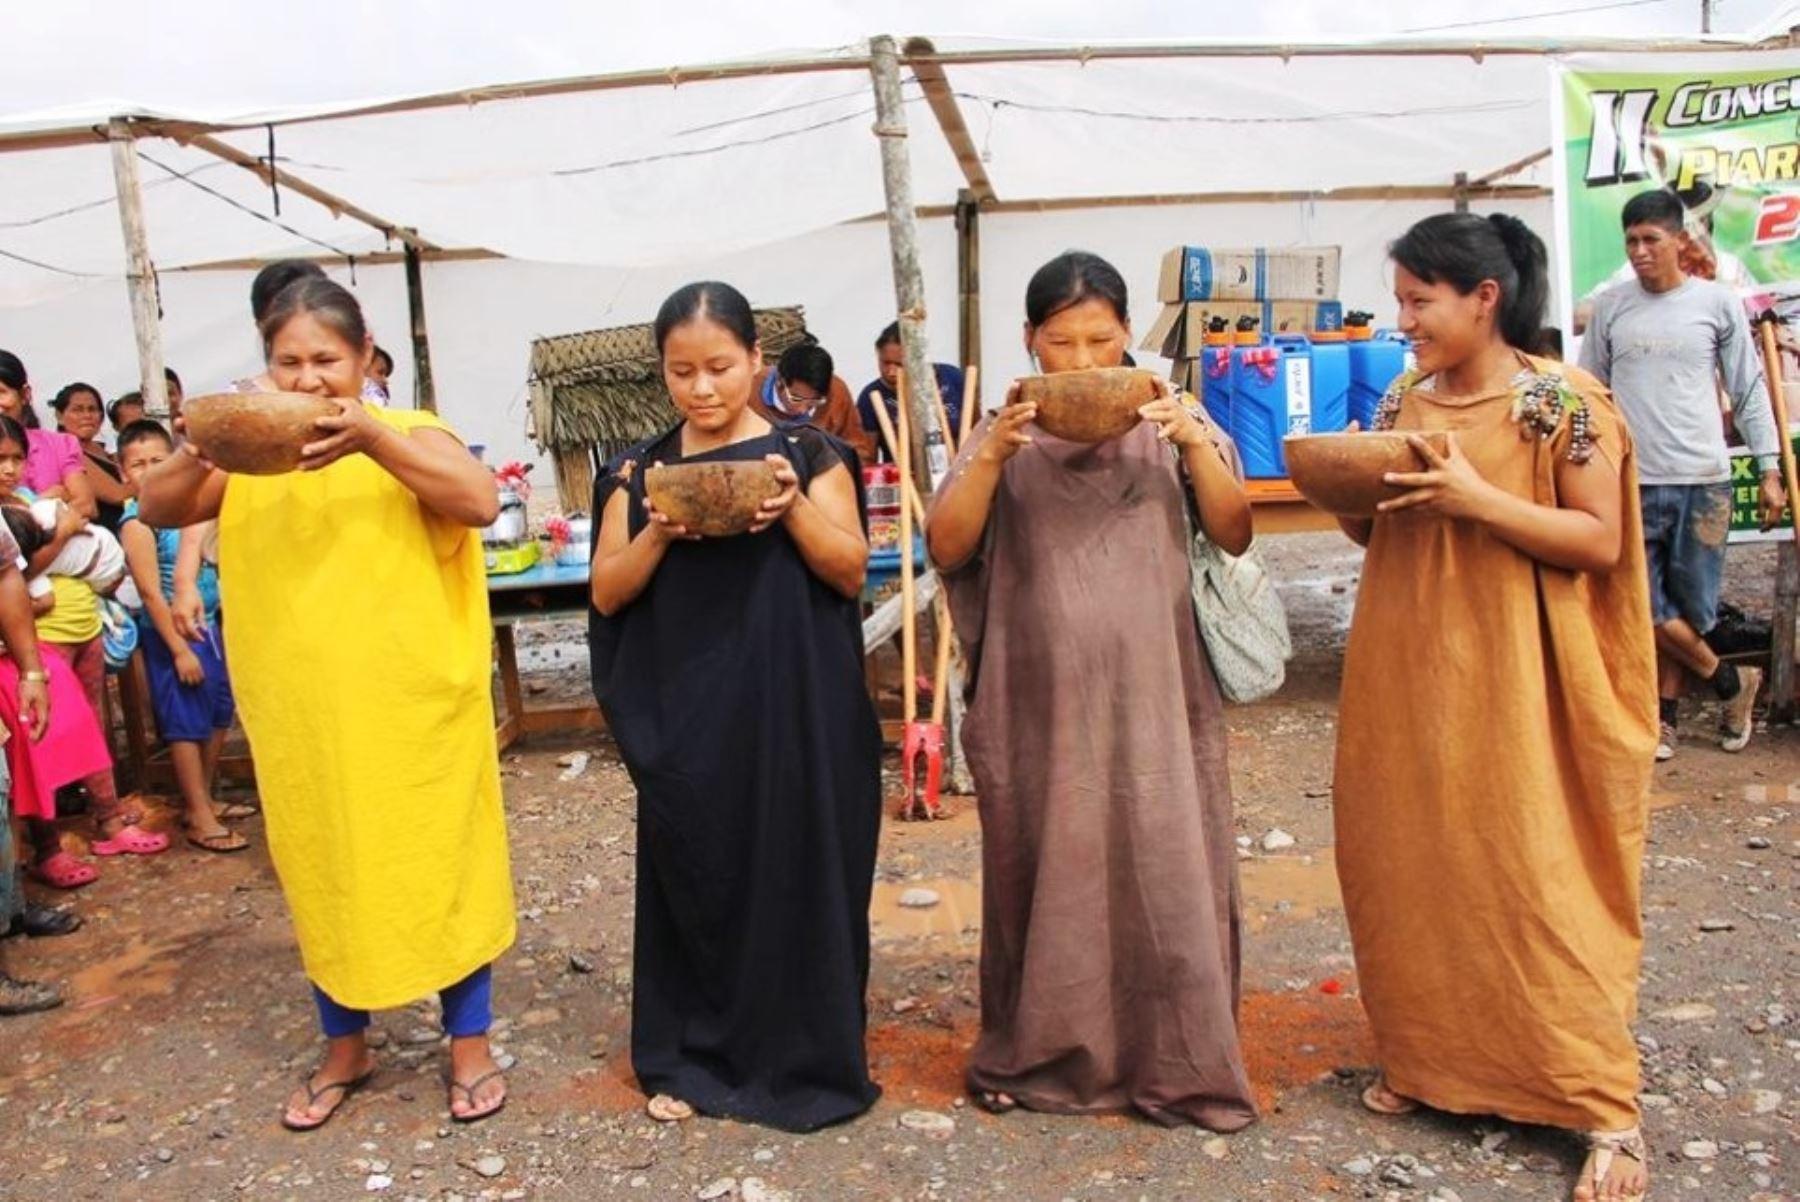 Pobladores indígenas distribuirán 10,000 vasos de masato en feria Expo Amazónica. ANDINA/Archivo